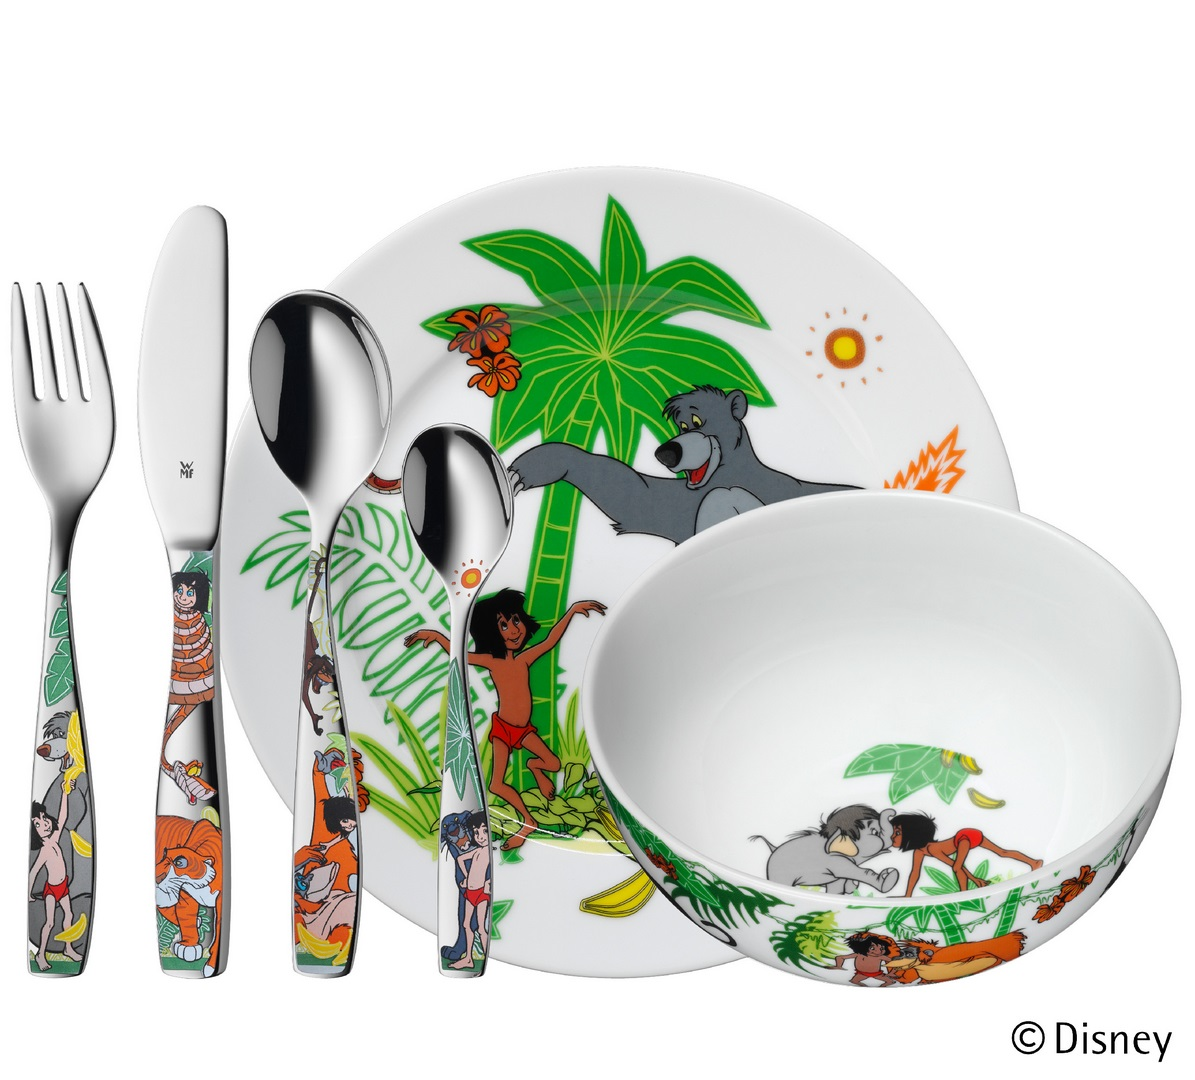 WMF Dětský jídelní set Kniha džunglí 6 ks